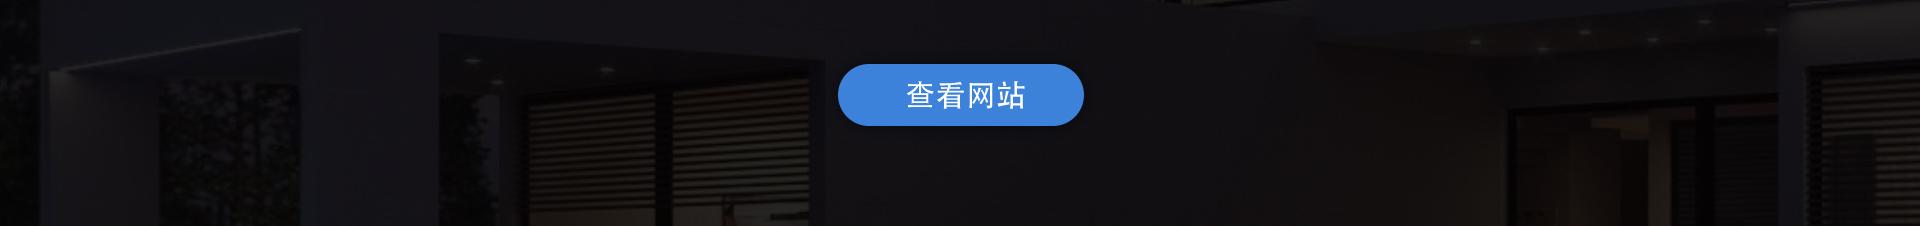 范帅宇-范帅宇-上海洛拉柏科技-范帅宇-上海洛拉柏科技_02